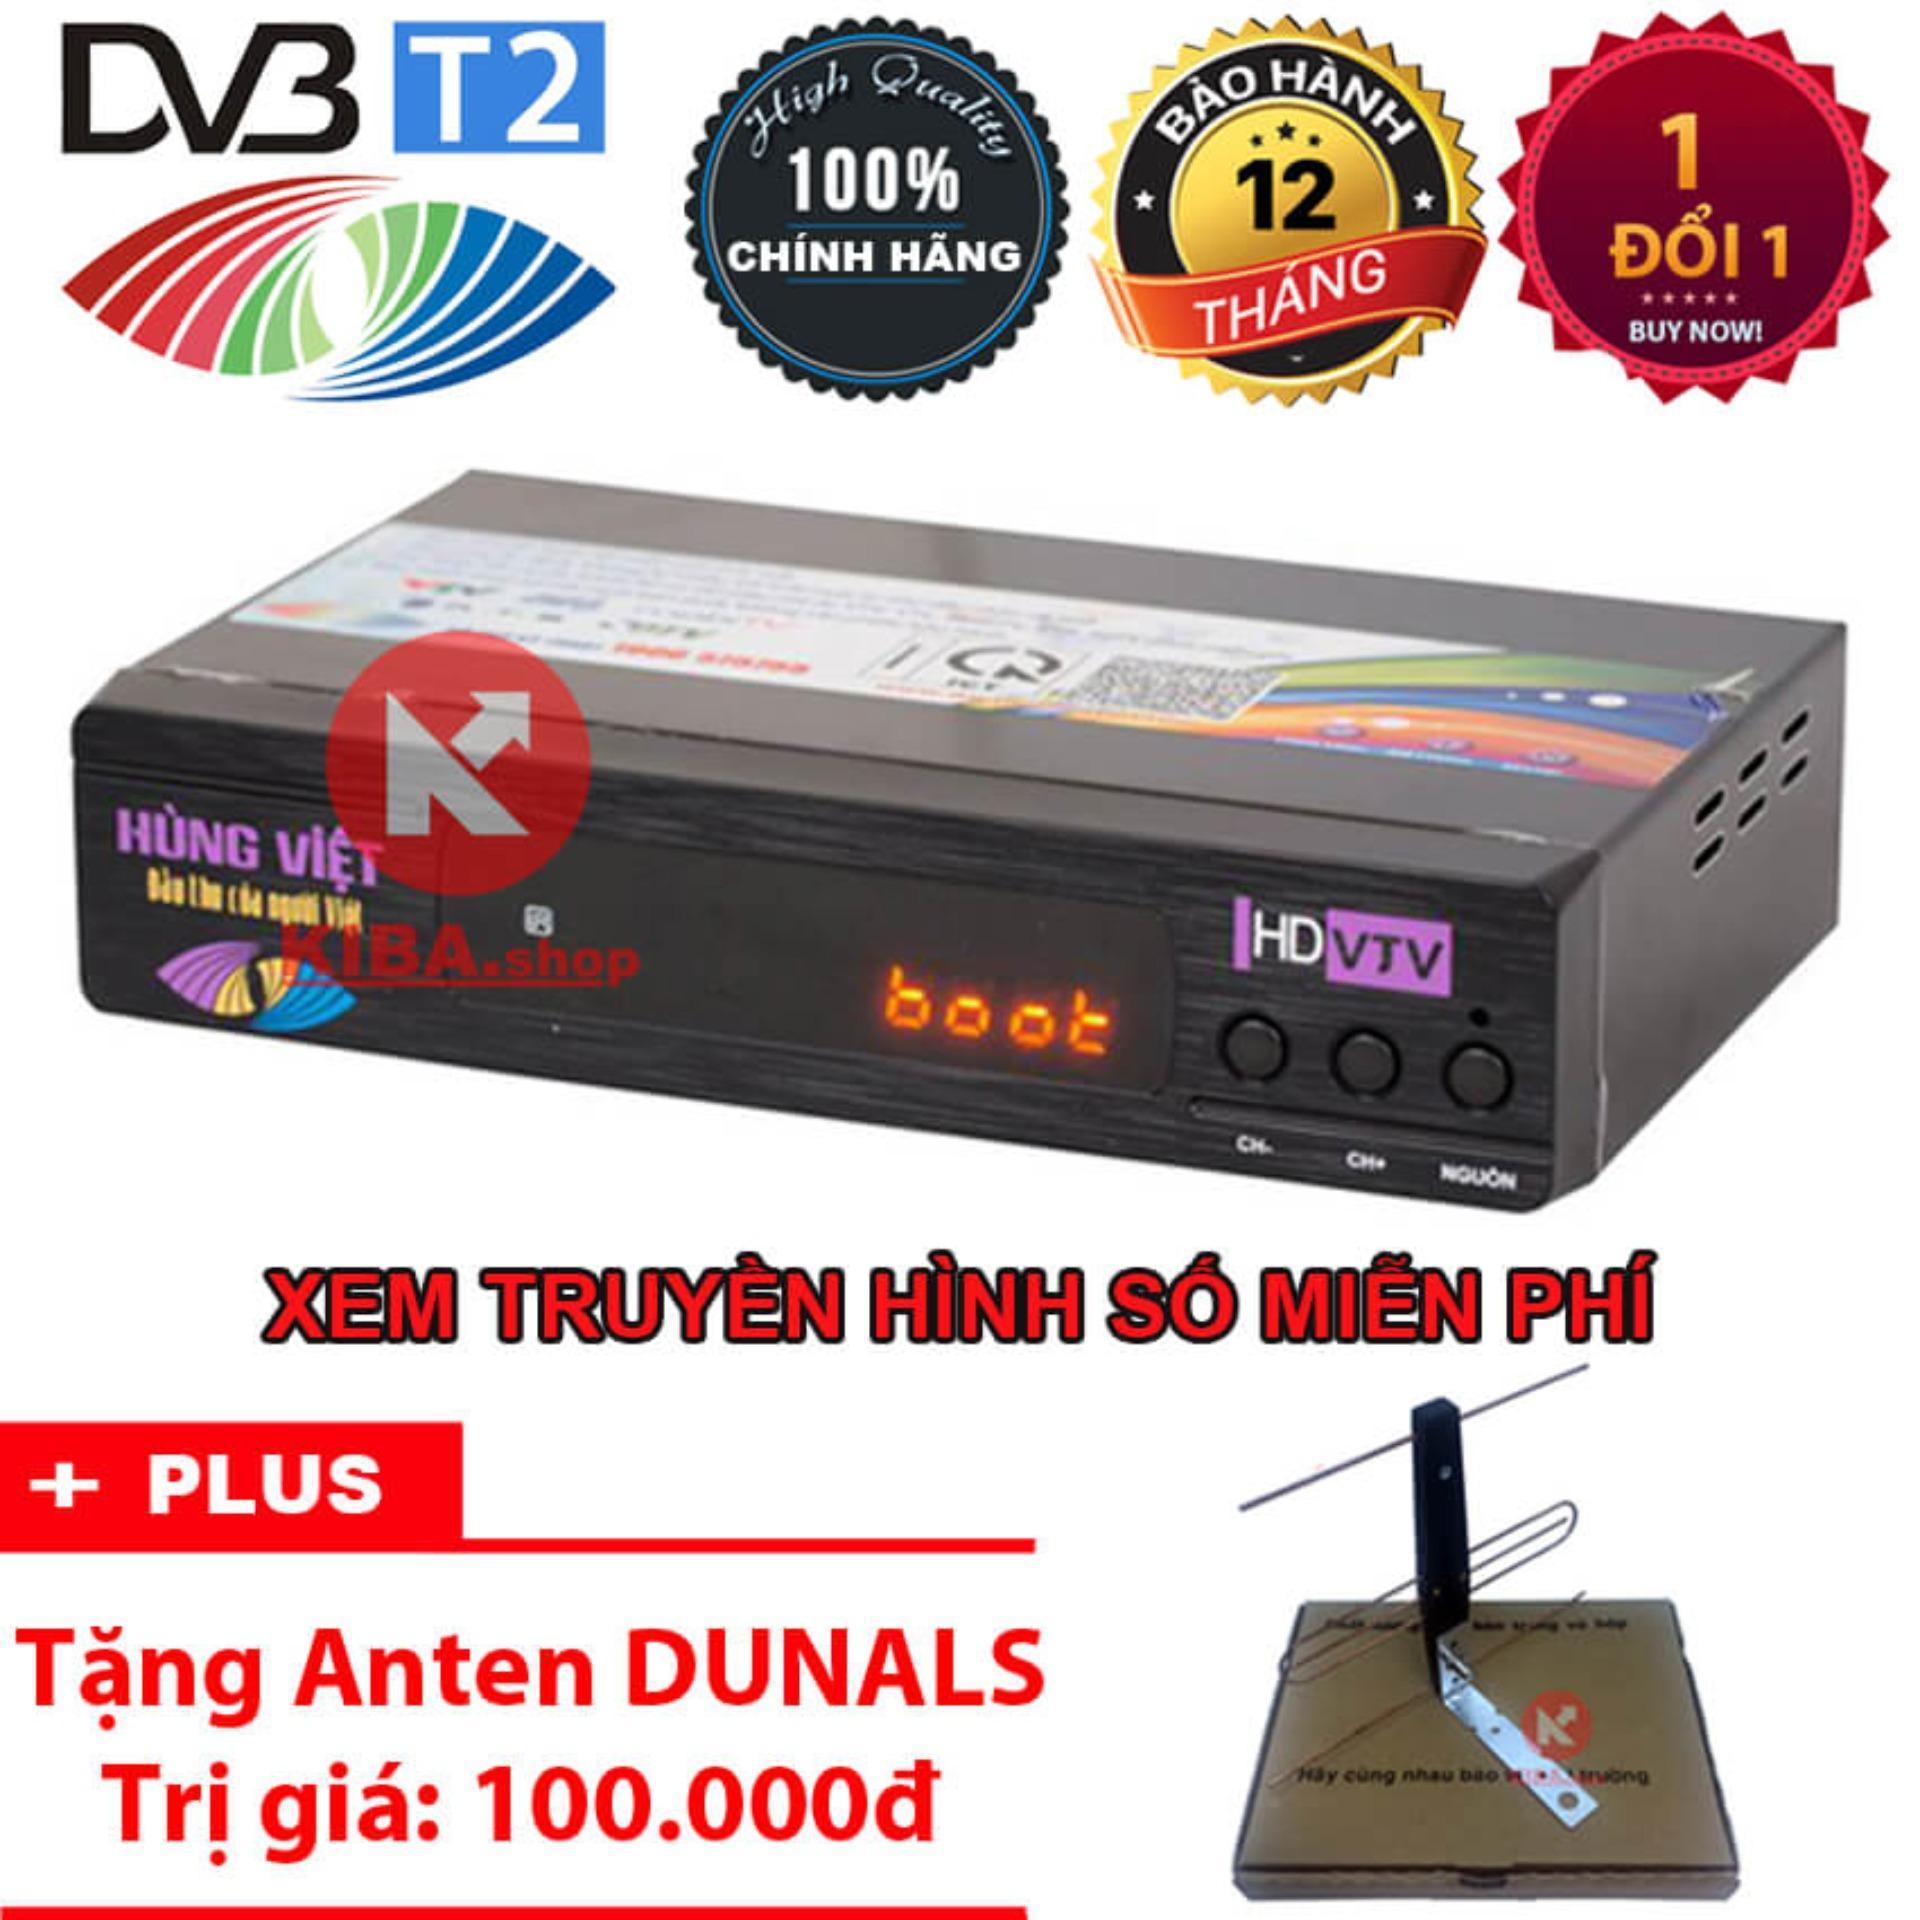 Bán Mua Đầu Thu Kỹ Thuật Số Hung Việt Dvb T2 Ts123 Tặng Anten Khuếch Đại